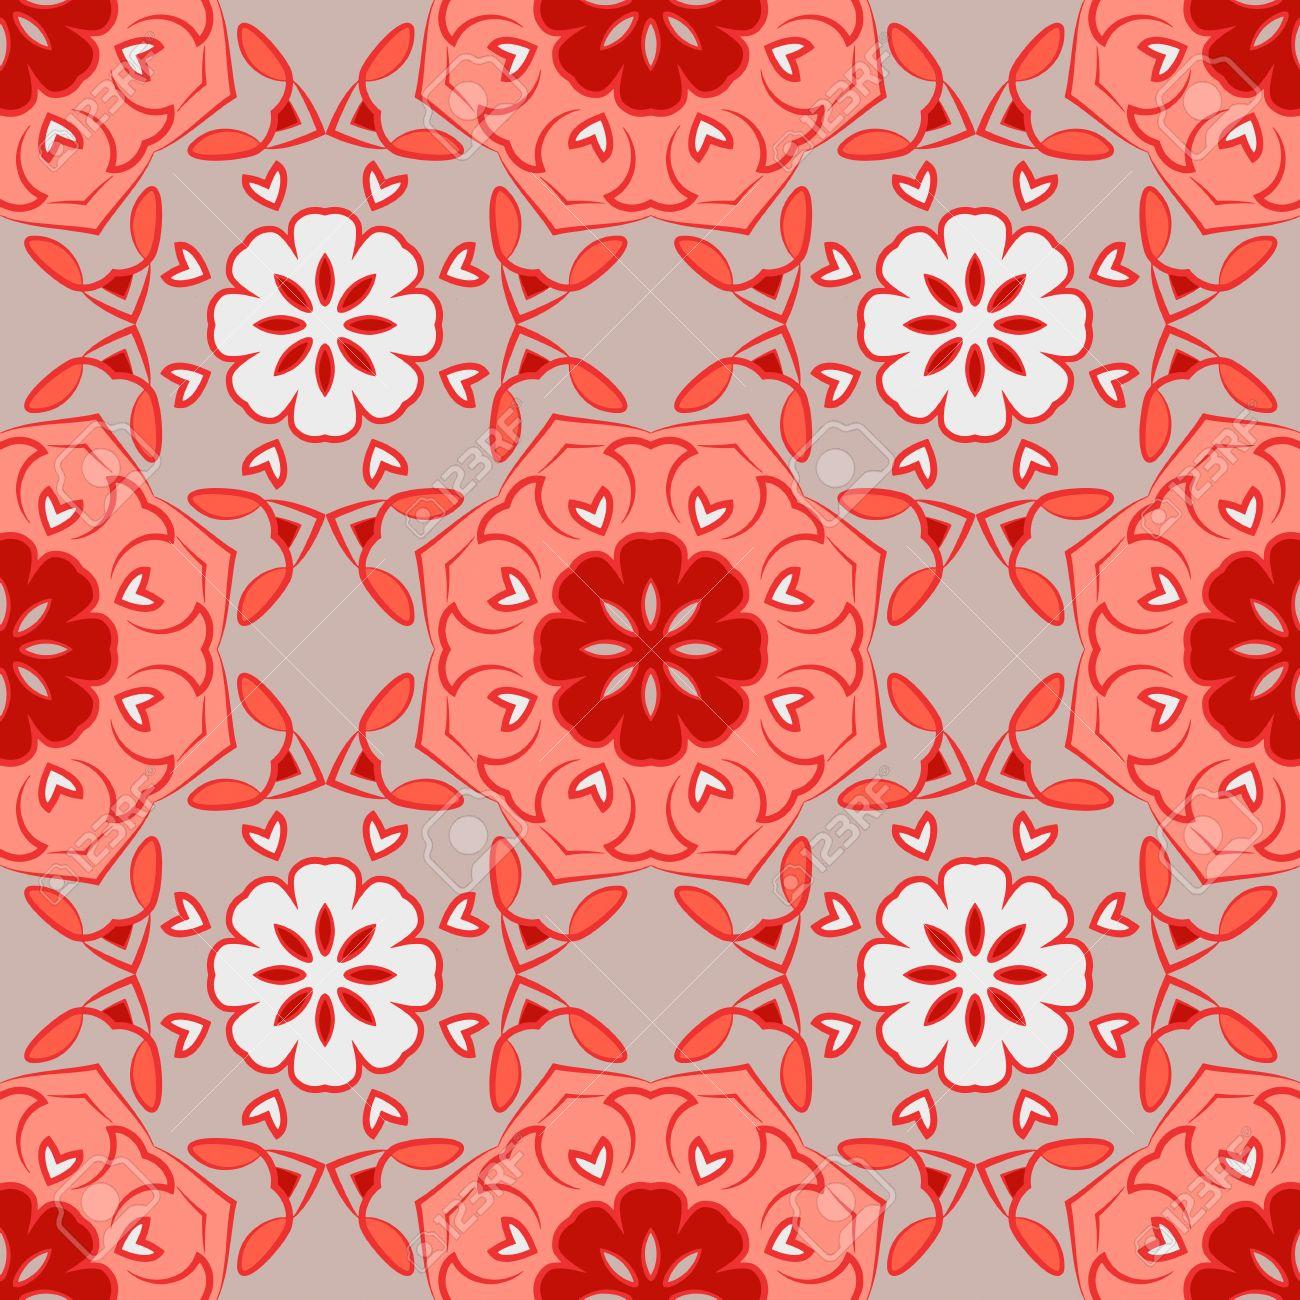 Sin Patrón Con Mandalas Hermosas En Colores Rojo Gris Y Blanco